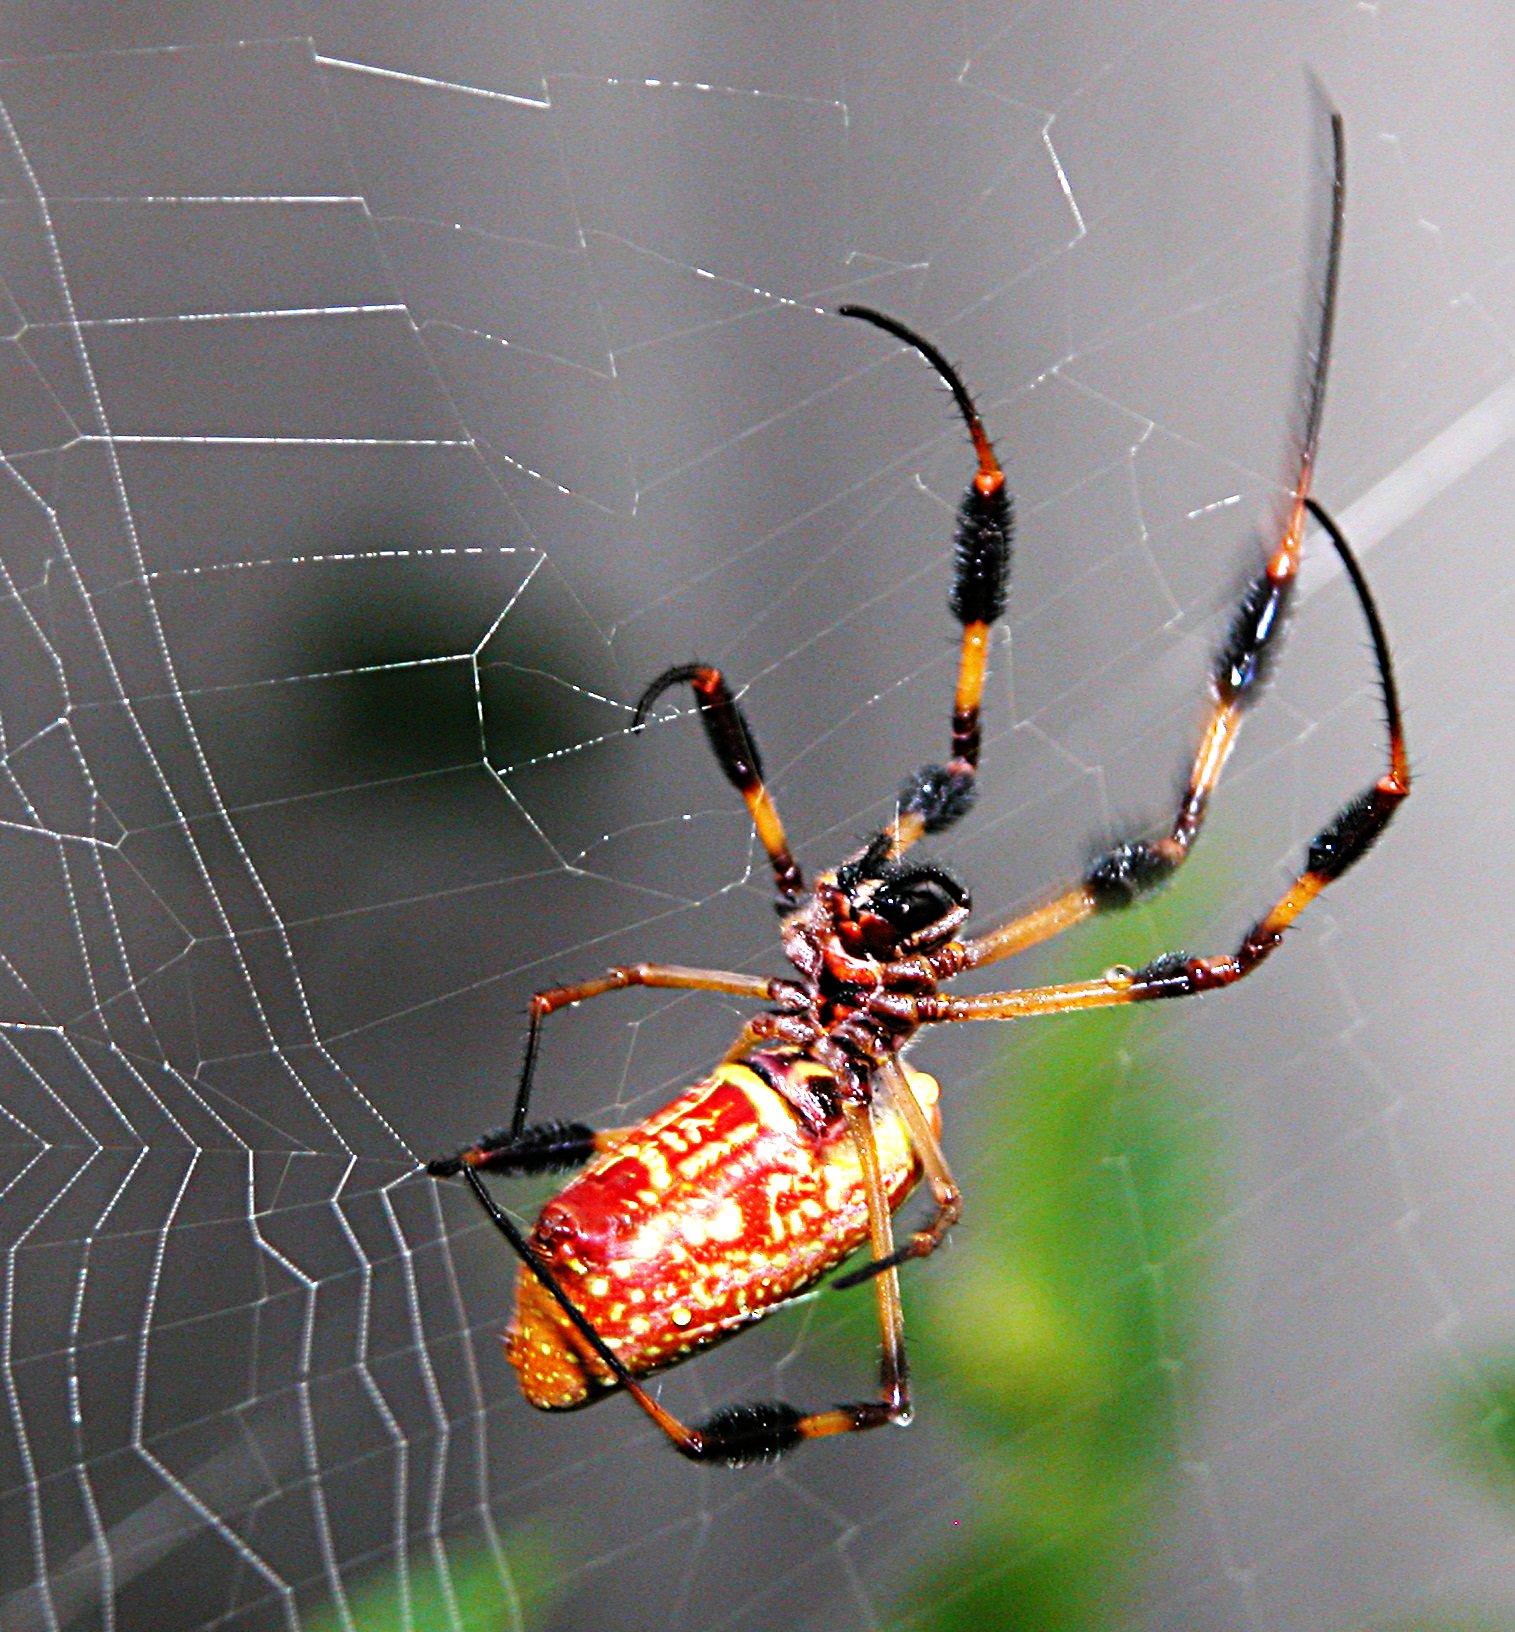 arañas, horribles y hermosas a la vez [HD]